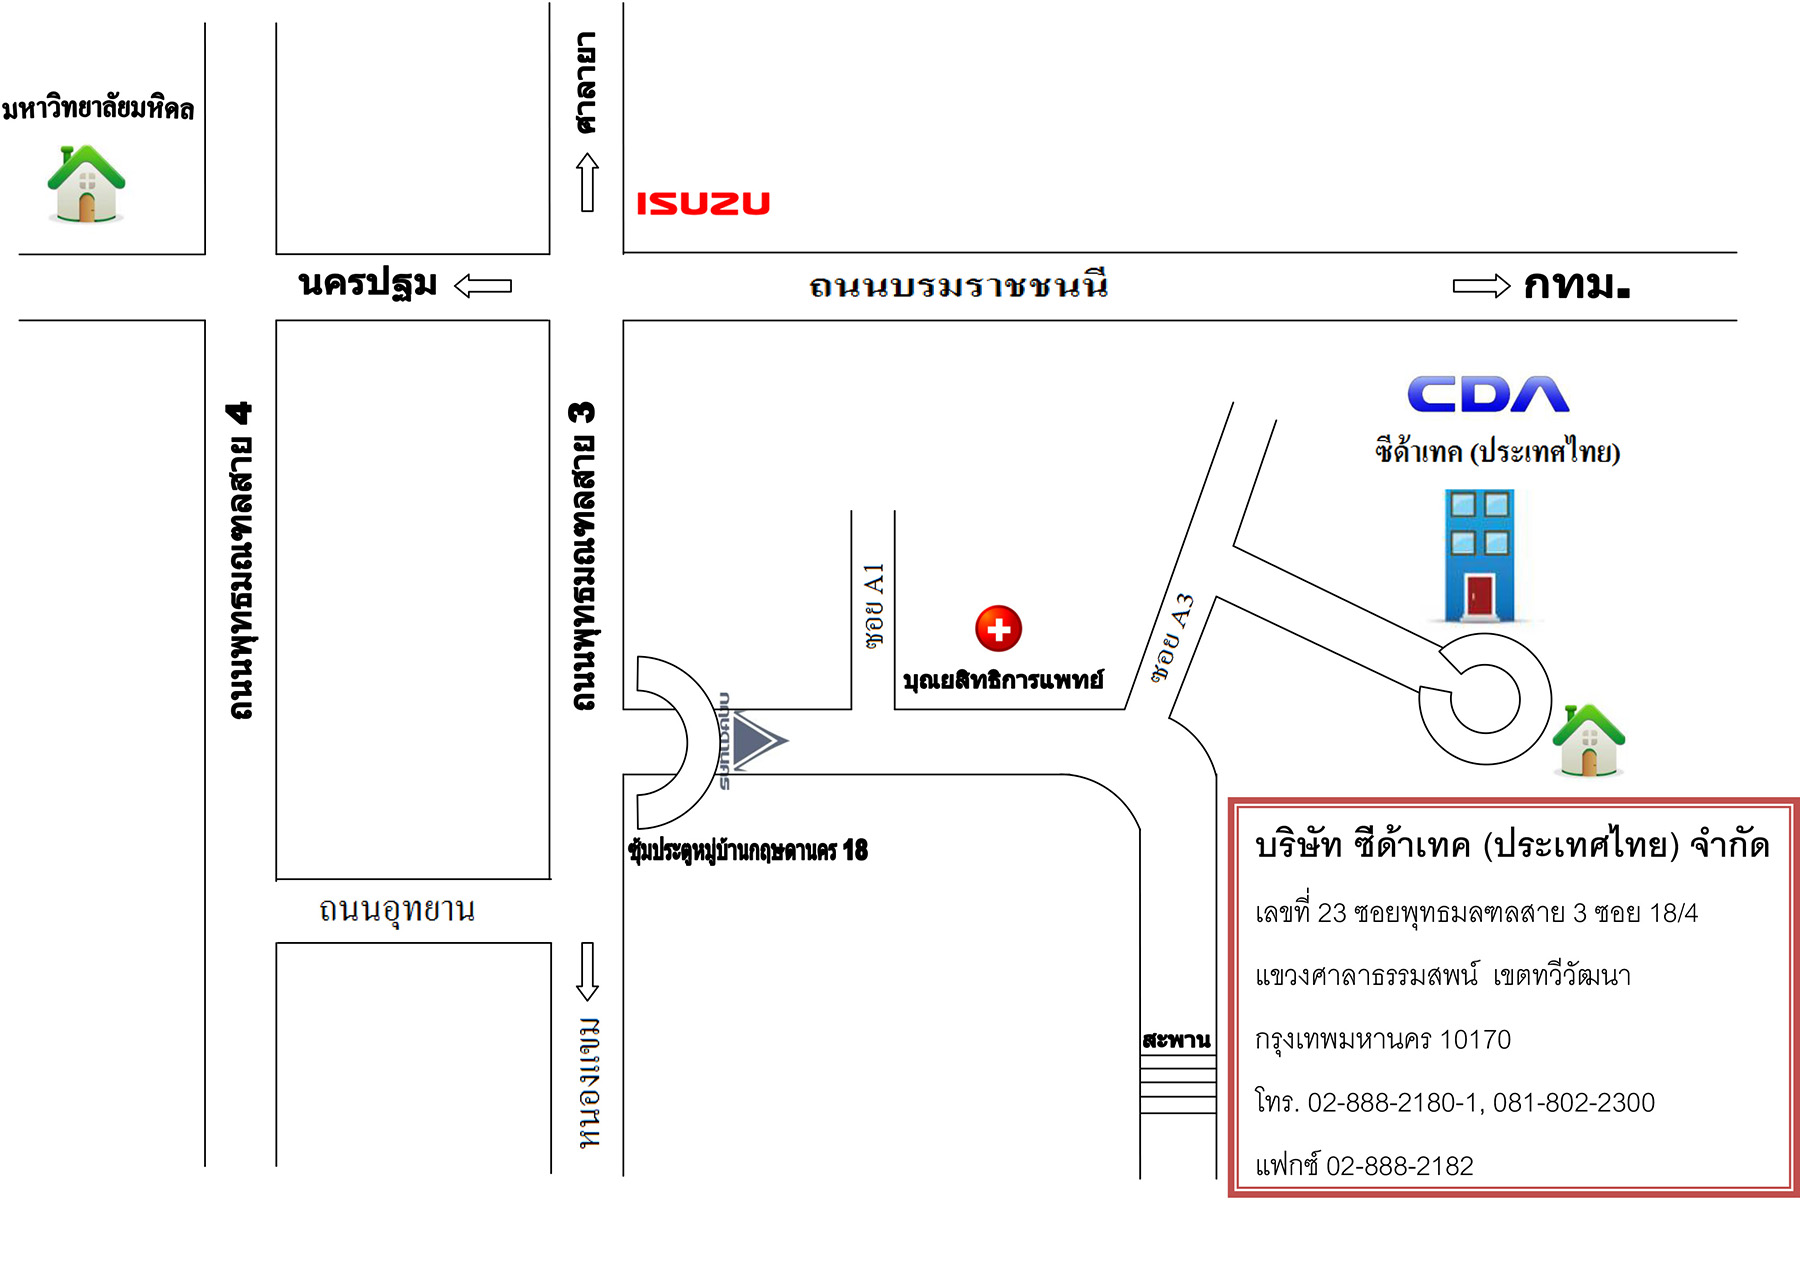 cdatech,cda,cda tech,cda thailand,ultrafilter,ultra filter,beko,bekomat,beko,cs,csinstrument,CS Instrument,air dryer